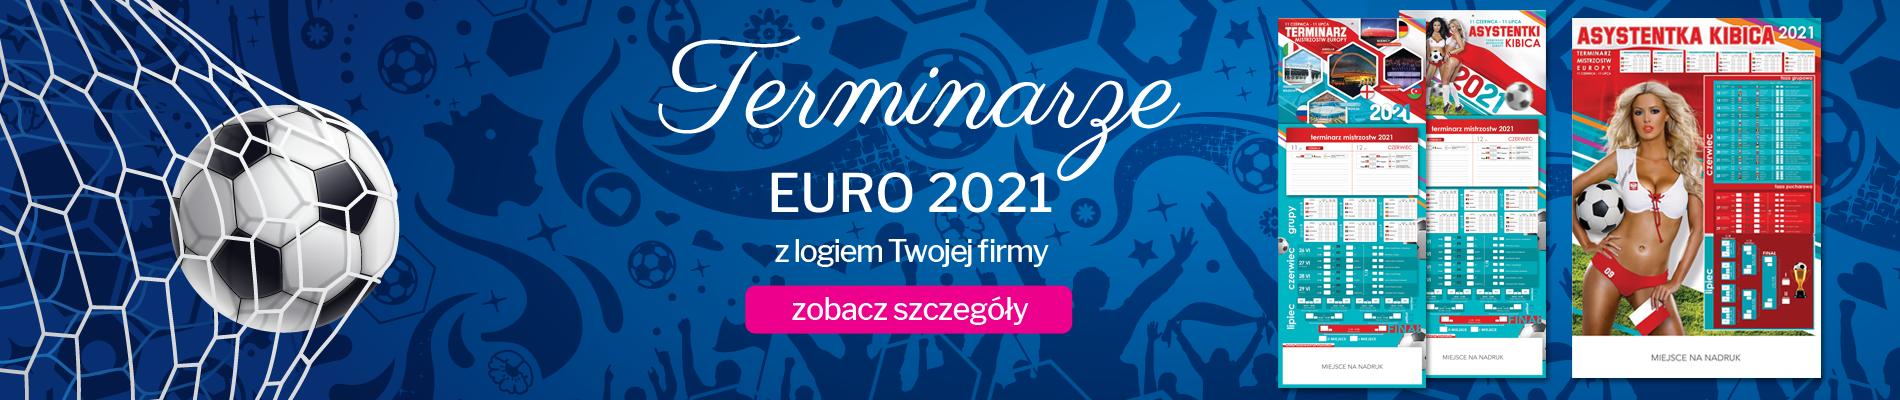 Euro 2021 - Terminarz